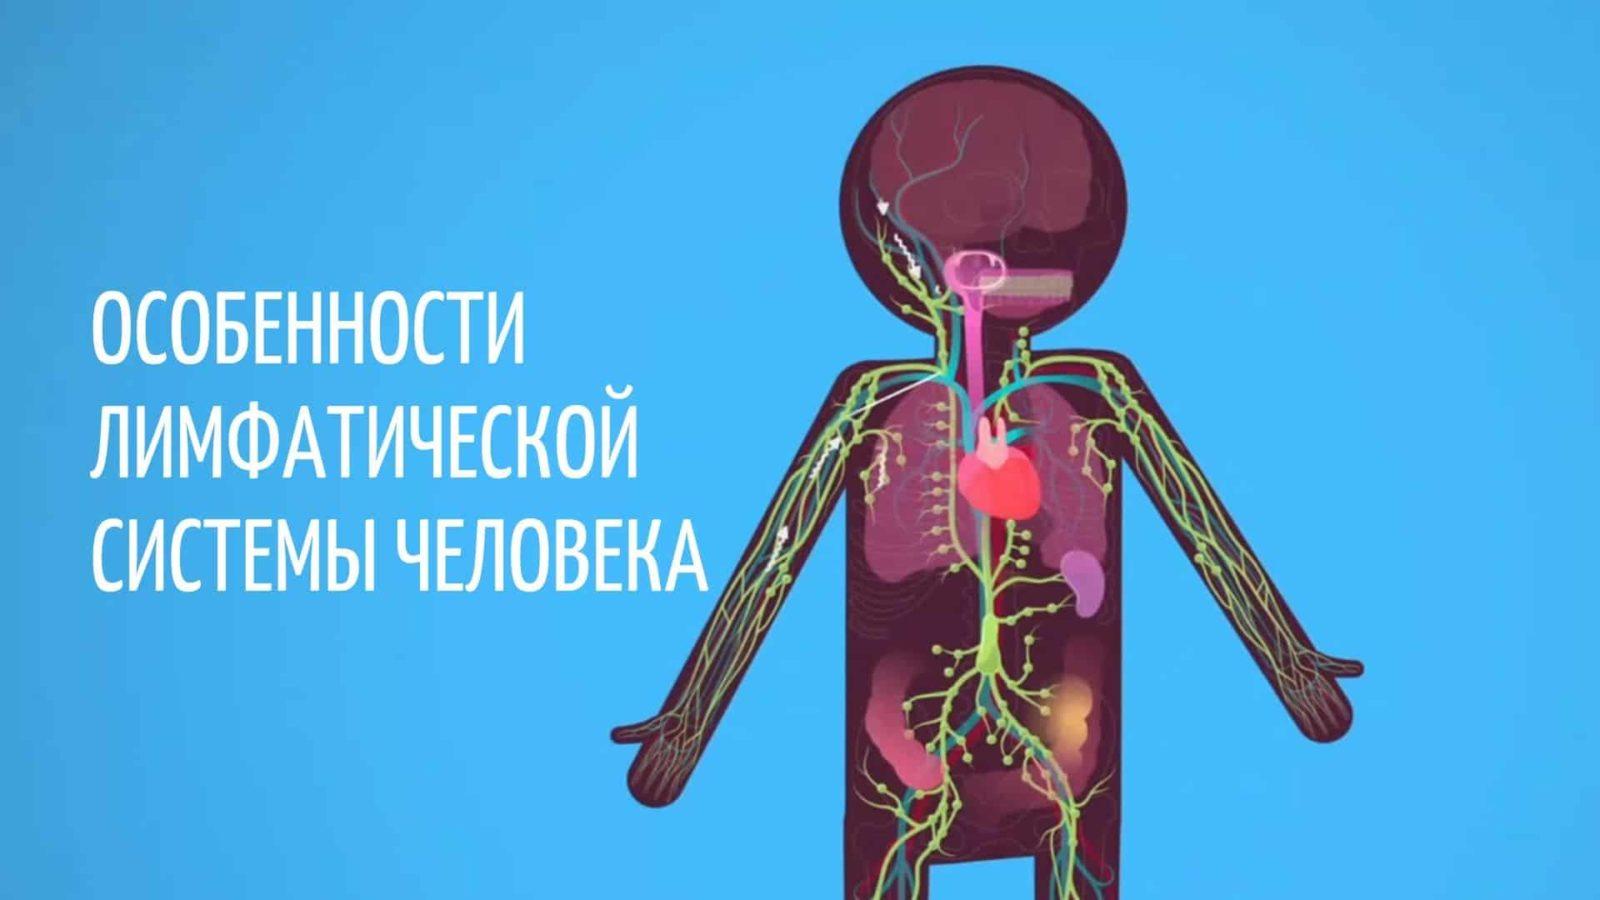 Особенности лимфатической системы человека